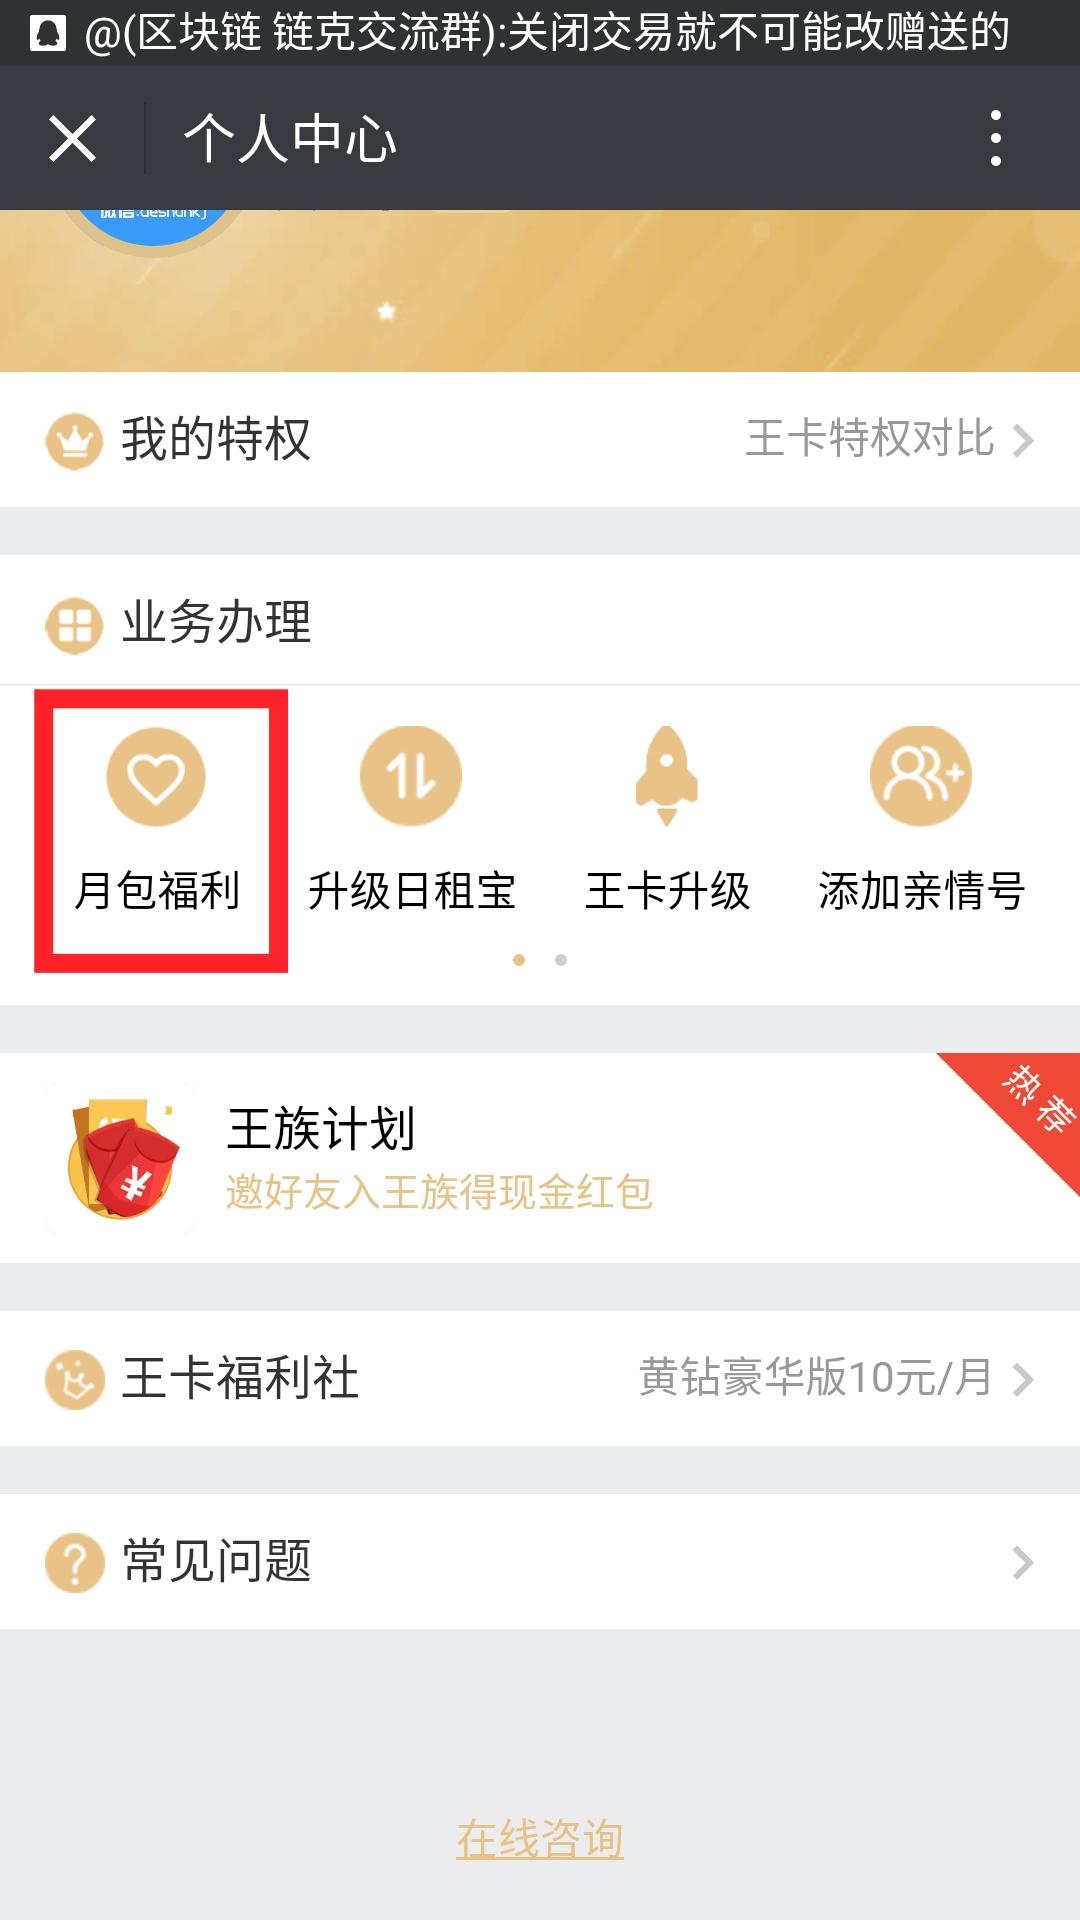 腾讯王卡福利再升级:每月免费送流量/通话 活动线报 第1张